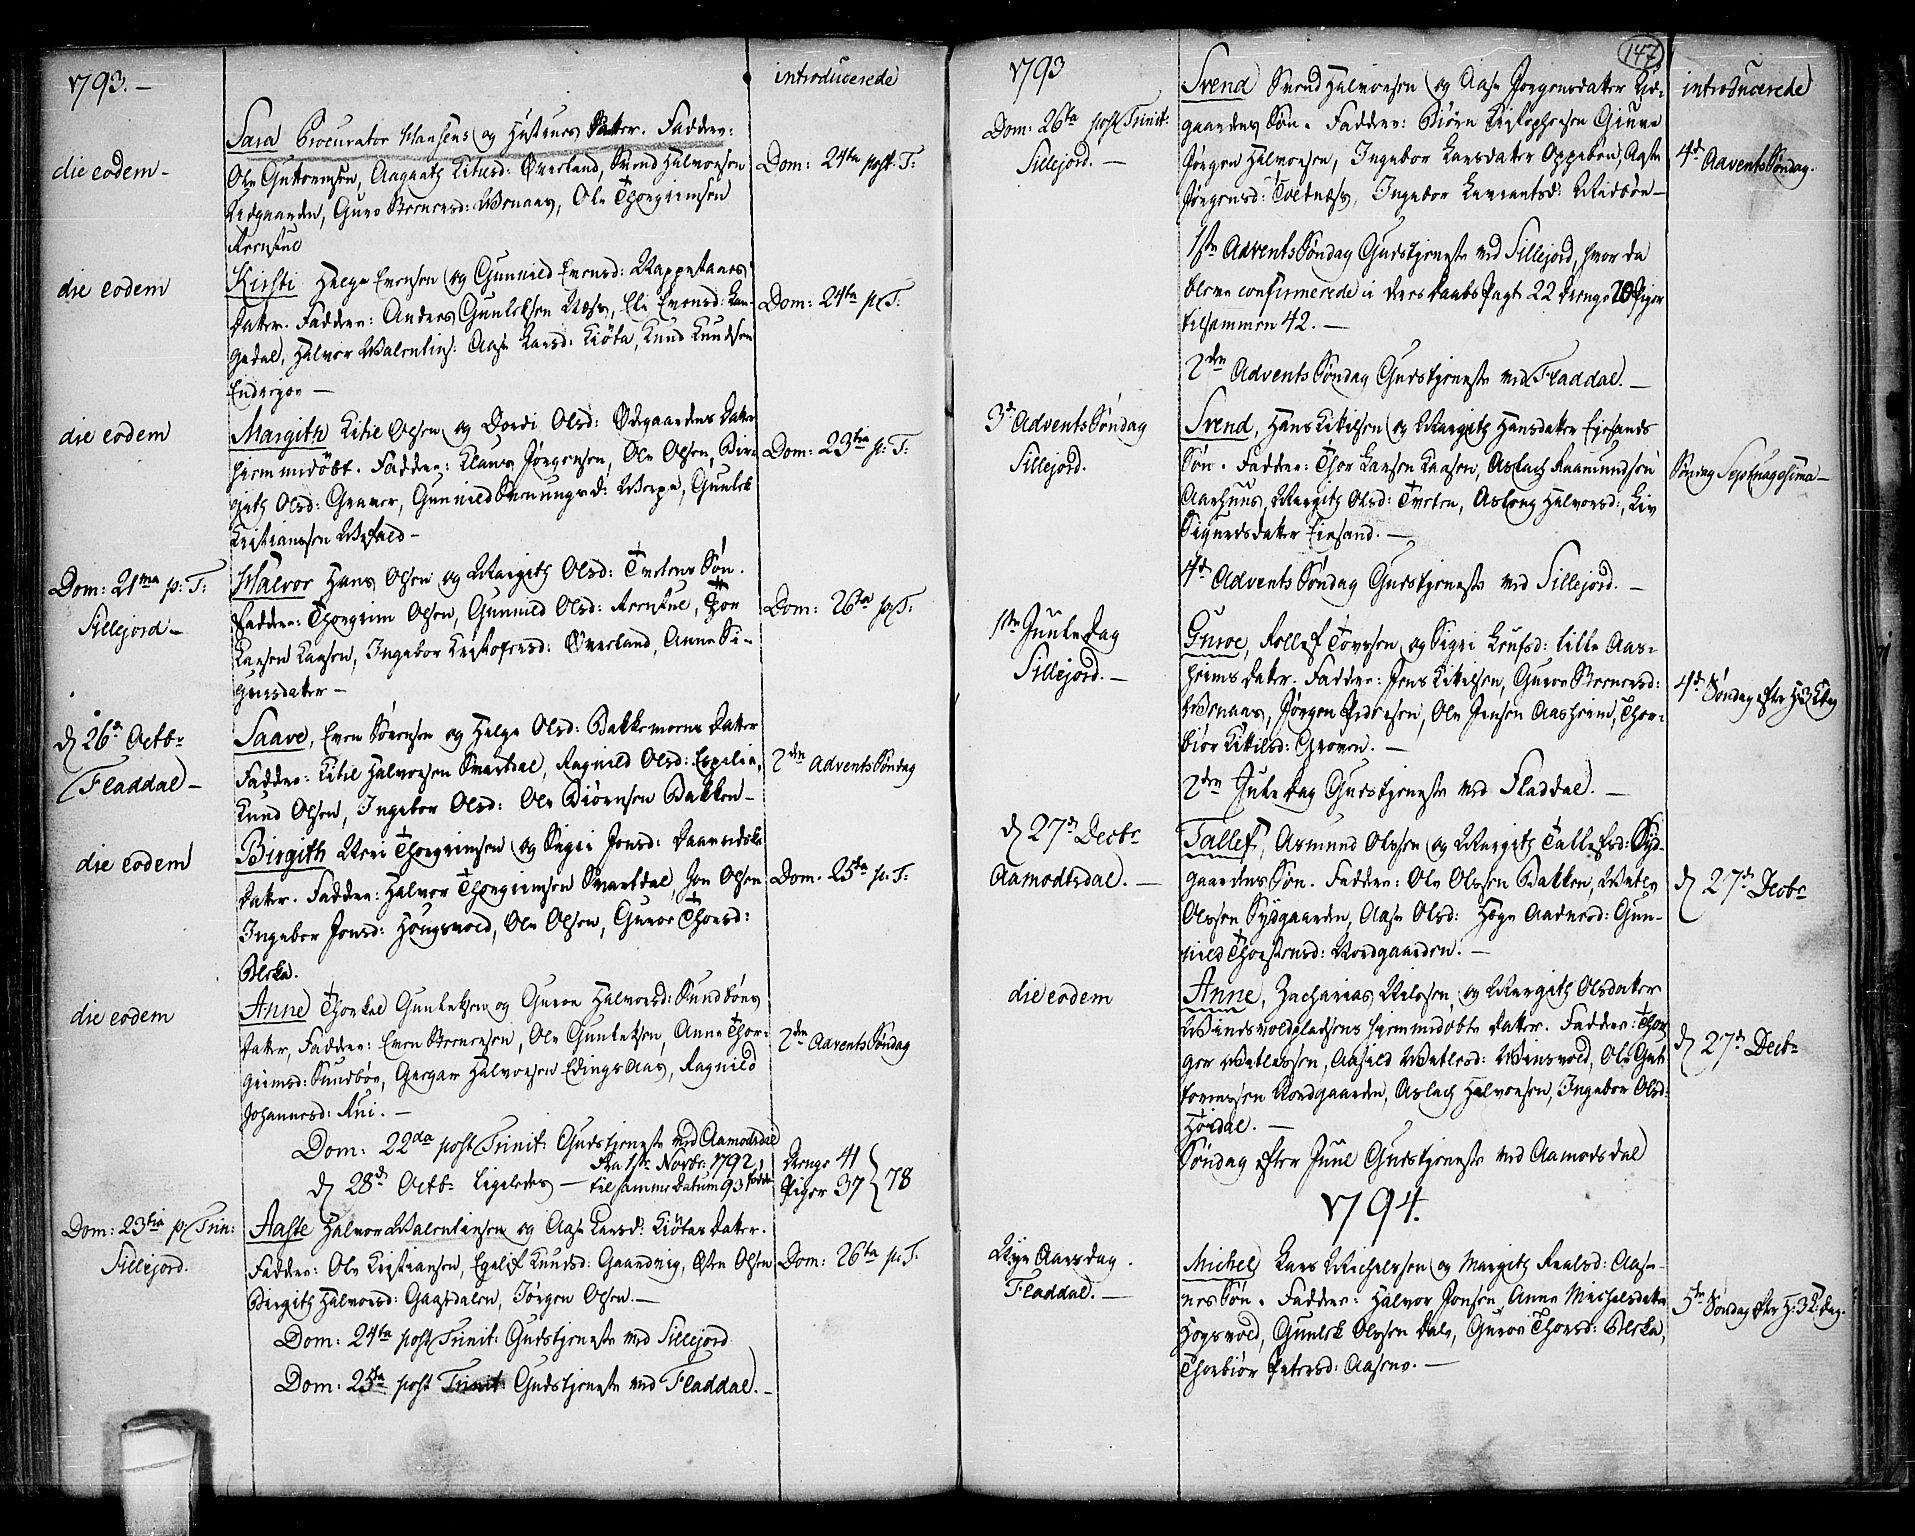 SAKO, Seljord kirkebøker, F/Fa/L0007: Ministerialbok nr. I 7, 1755-1800, s. 147